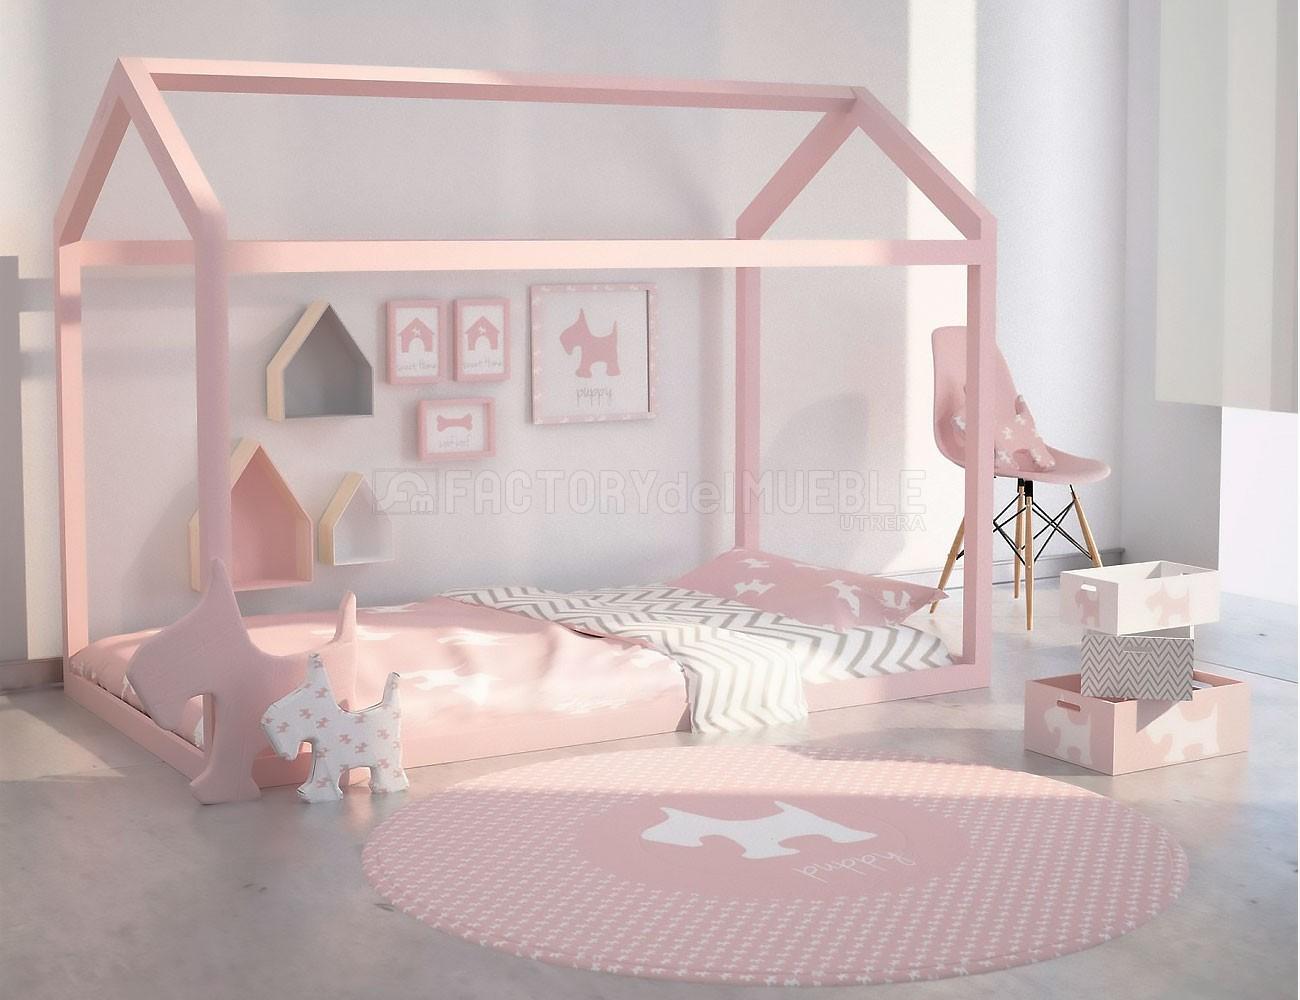 Cama casa juvenil en madera maciza color rosa (23729) | Factory del ...